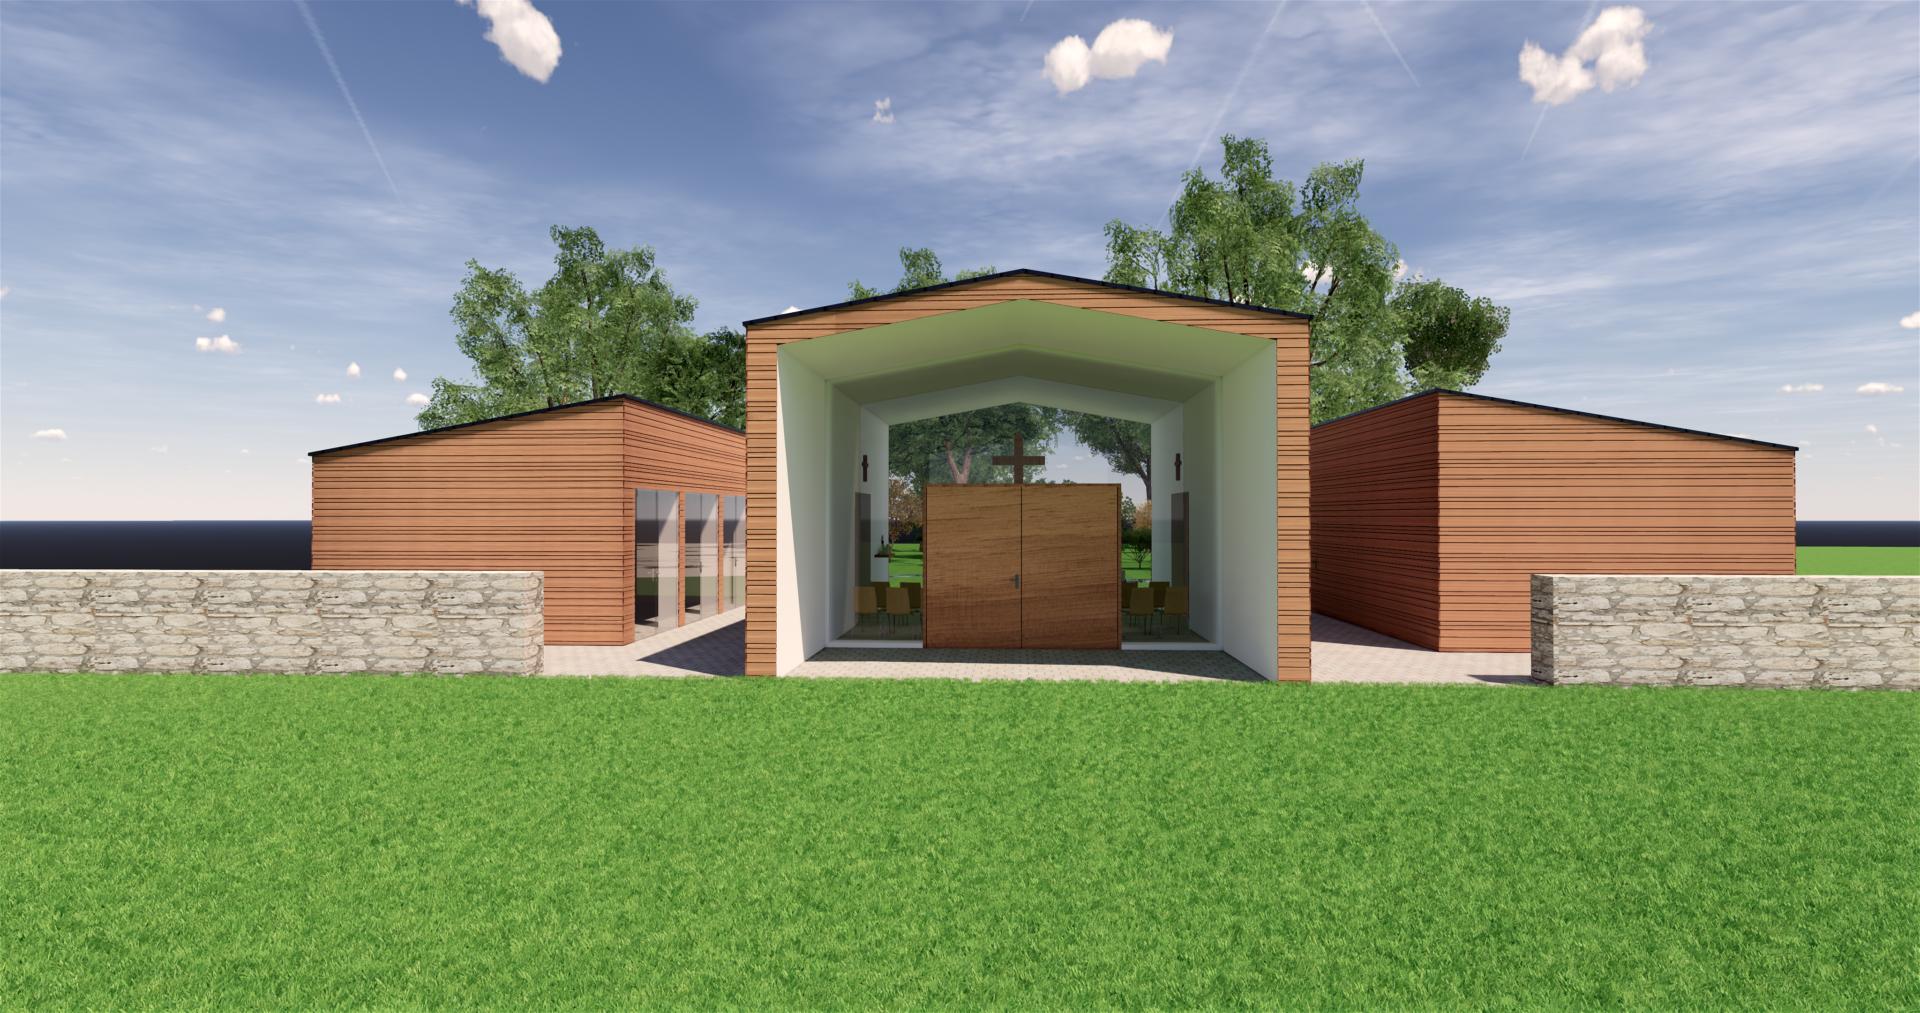 Neubau einer Aussegnungshalle in Weidenberg